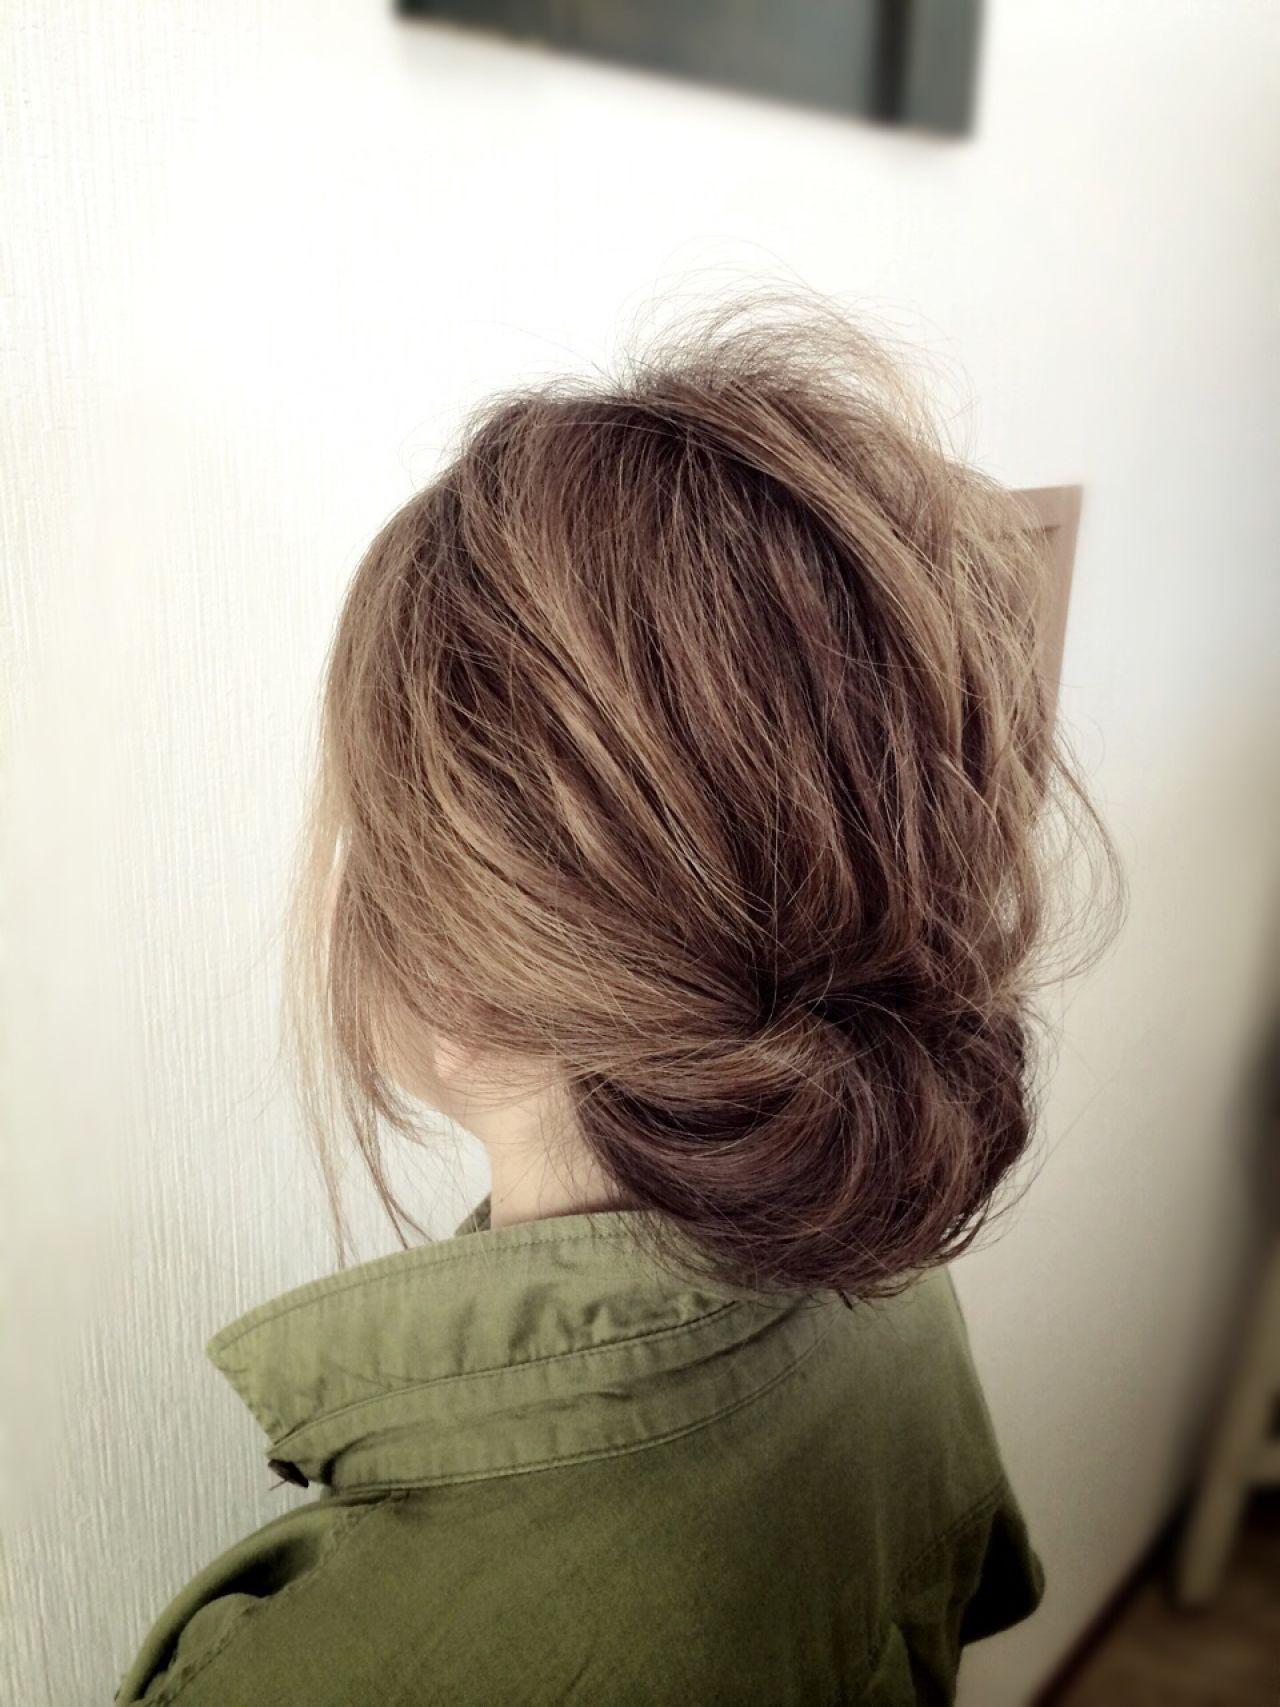 簡単ヘアアレンジ「シニヨン」のやり方特別レッスン♡基本技〜変化テクまで! 花原 直樹  bench-hair(ベンチヘアー)